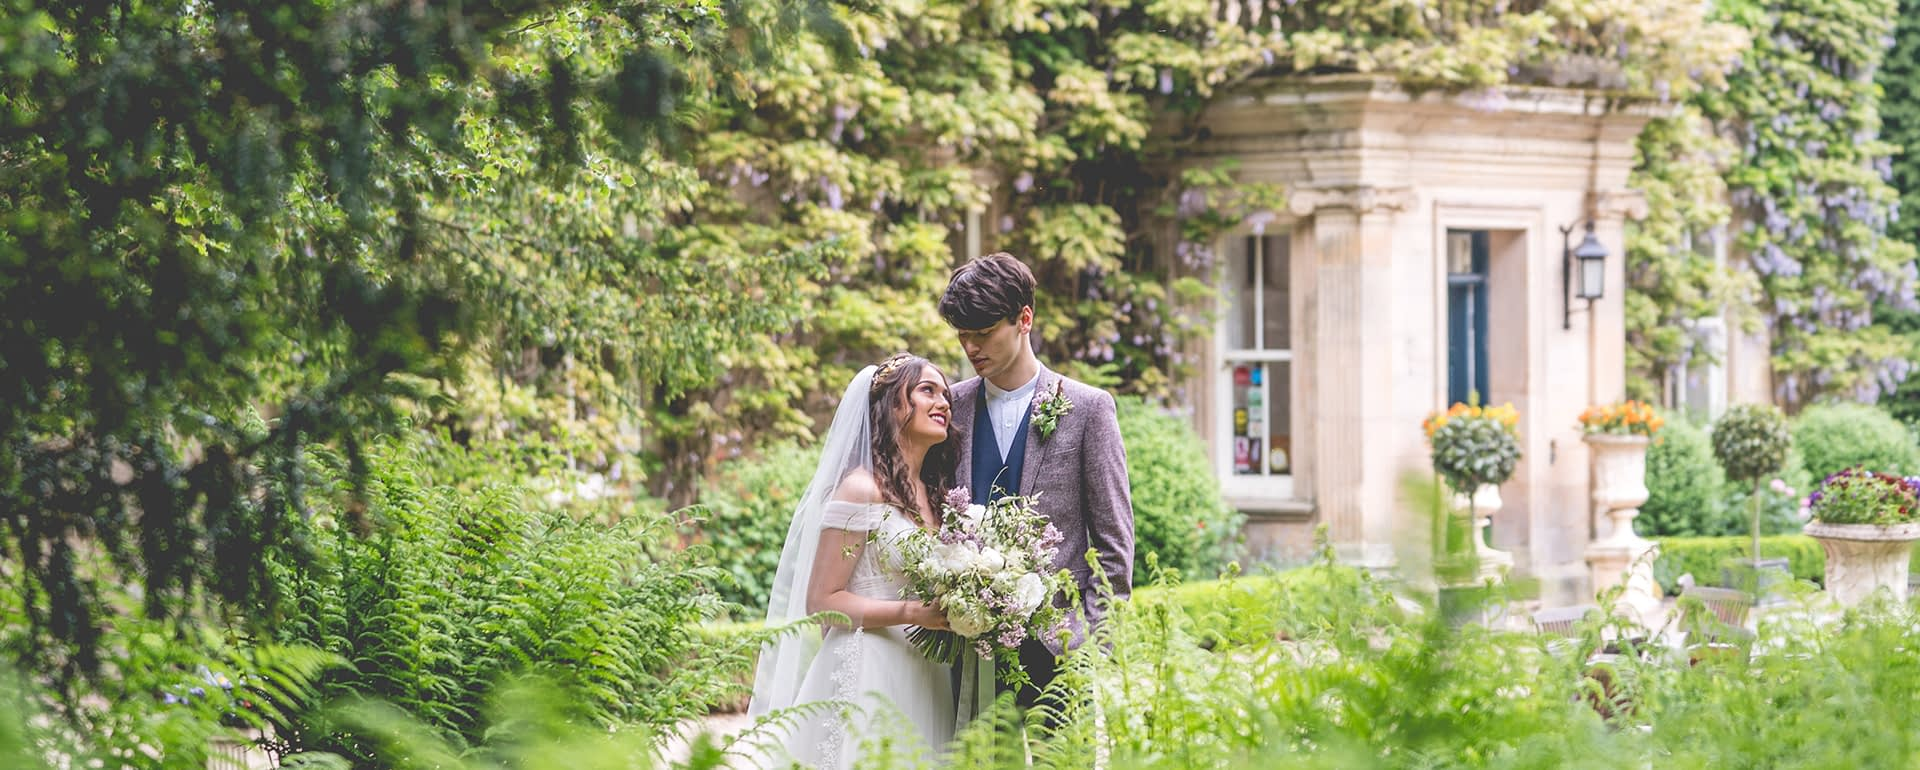 Eshott Hall Wedding Open Day